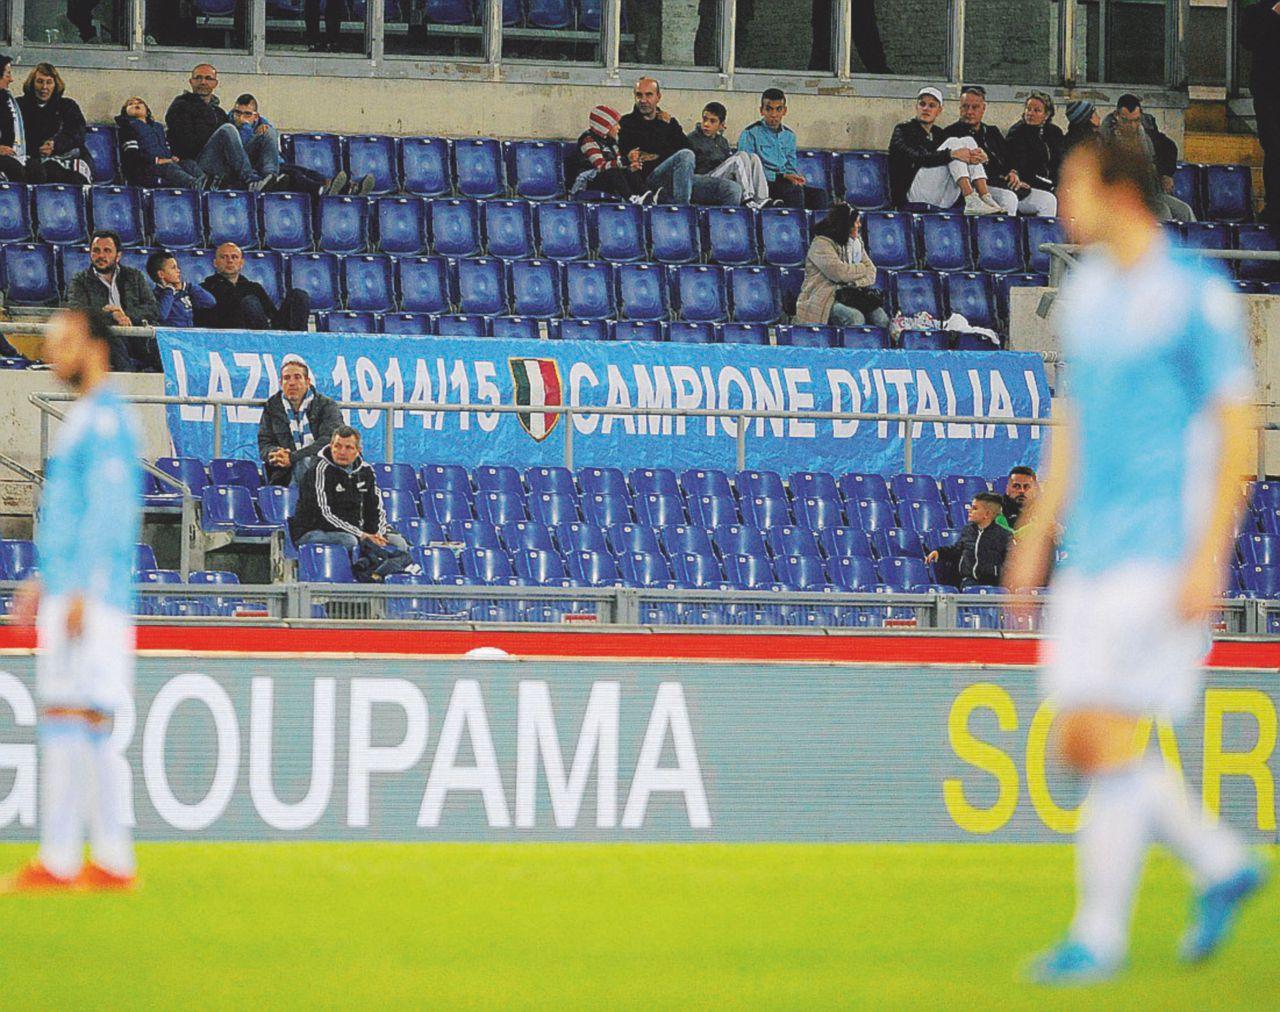 Lo scudetto postumo, ultima frontiera del pallone italiano